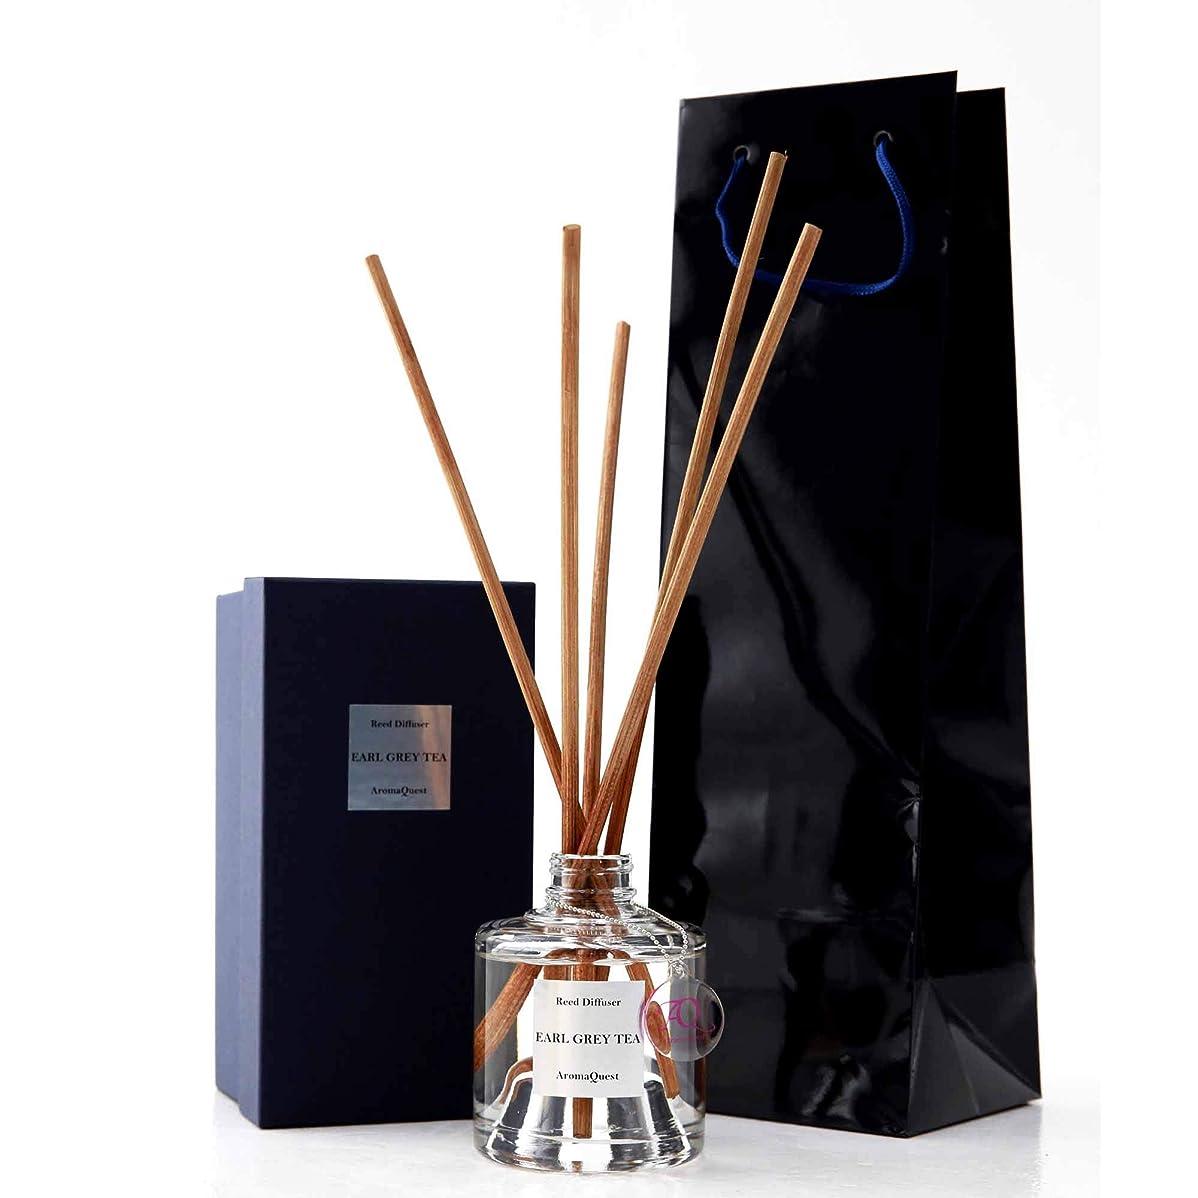 メーターピルカヌールームフレグランス リードディフューザー アロマディフューザー 150ml アールグレイティー EARL GREY TEA 紅茶の香り